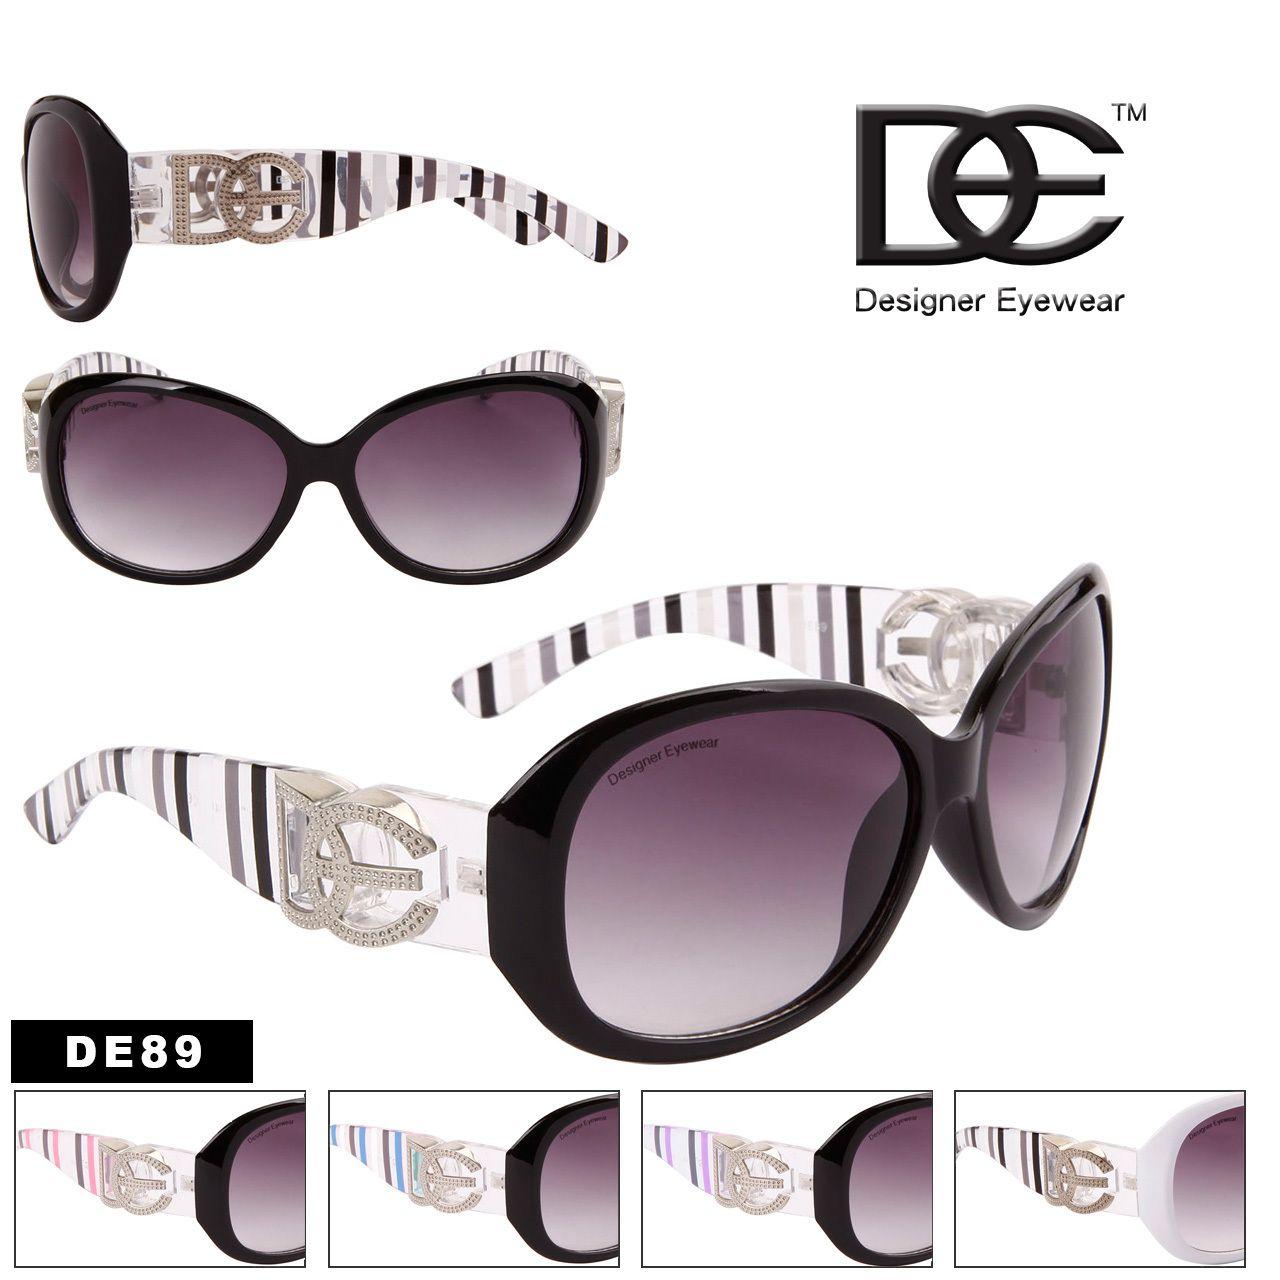 5c27796c9 DE™ Wholesale Fashion Sunglasses - Style #DE89 | Fashion | Wholesale ...